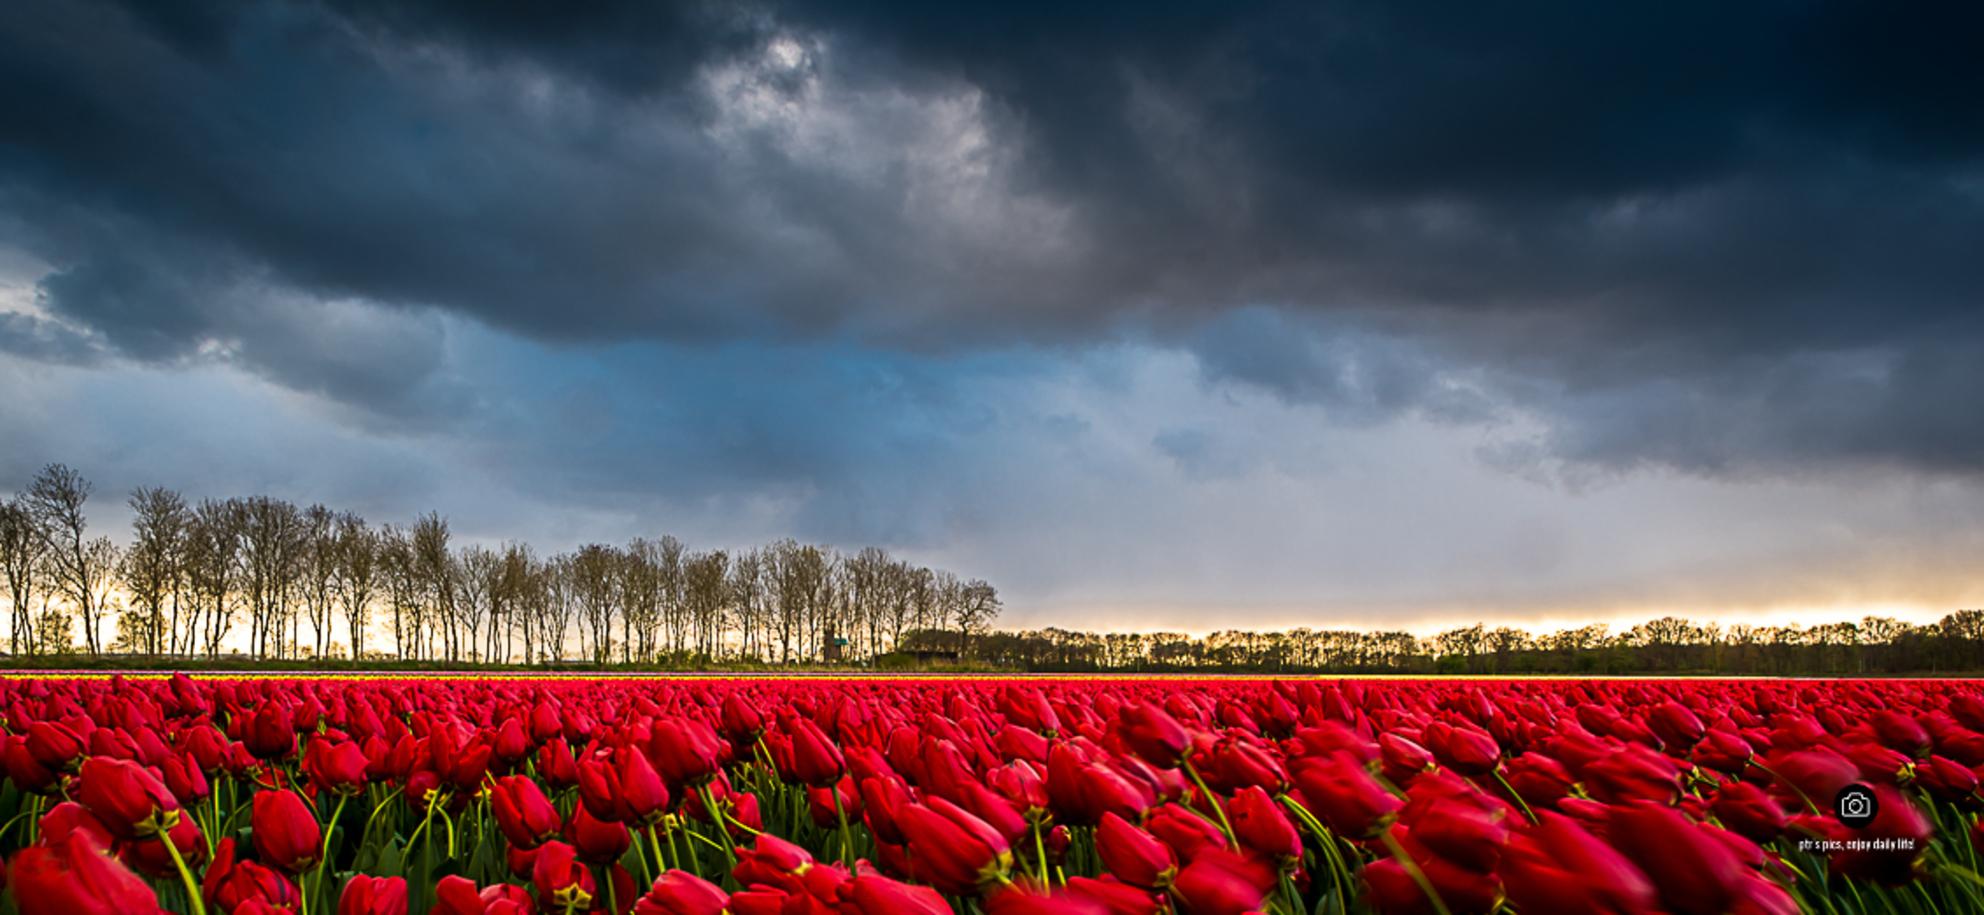 lisse - - - foto door peterspostbus op 18-04-2017 - deze foto bevat: tulpen, lente, bloembollen, tulpenveld, bollenstreek, nd filter, ptr - Deze foto mag gebruikt worden in een Zoom.nl publicatie